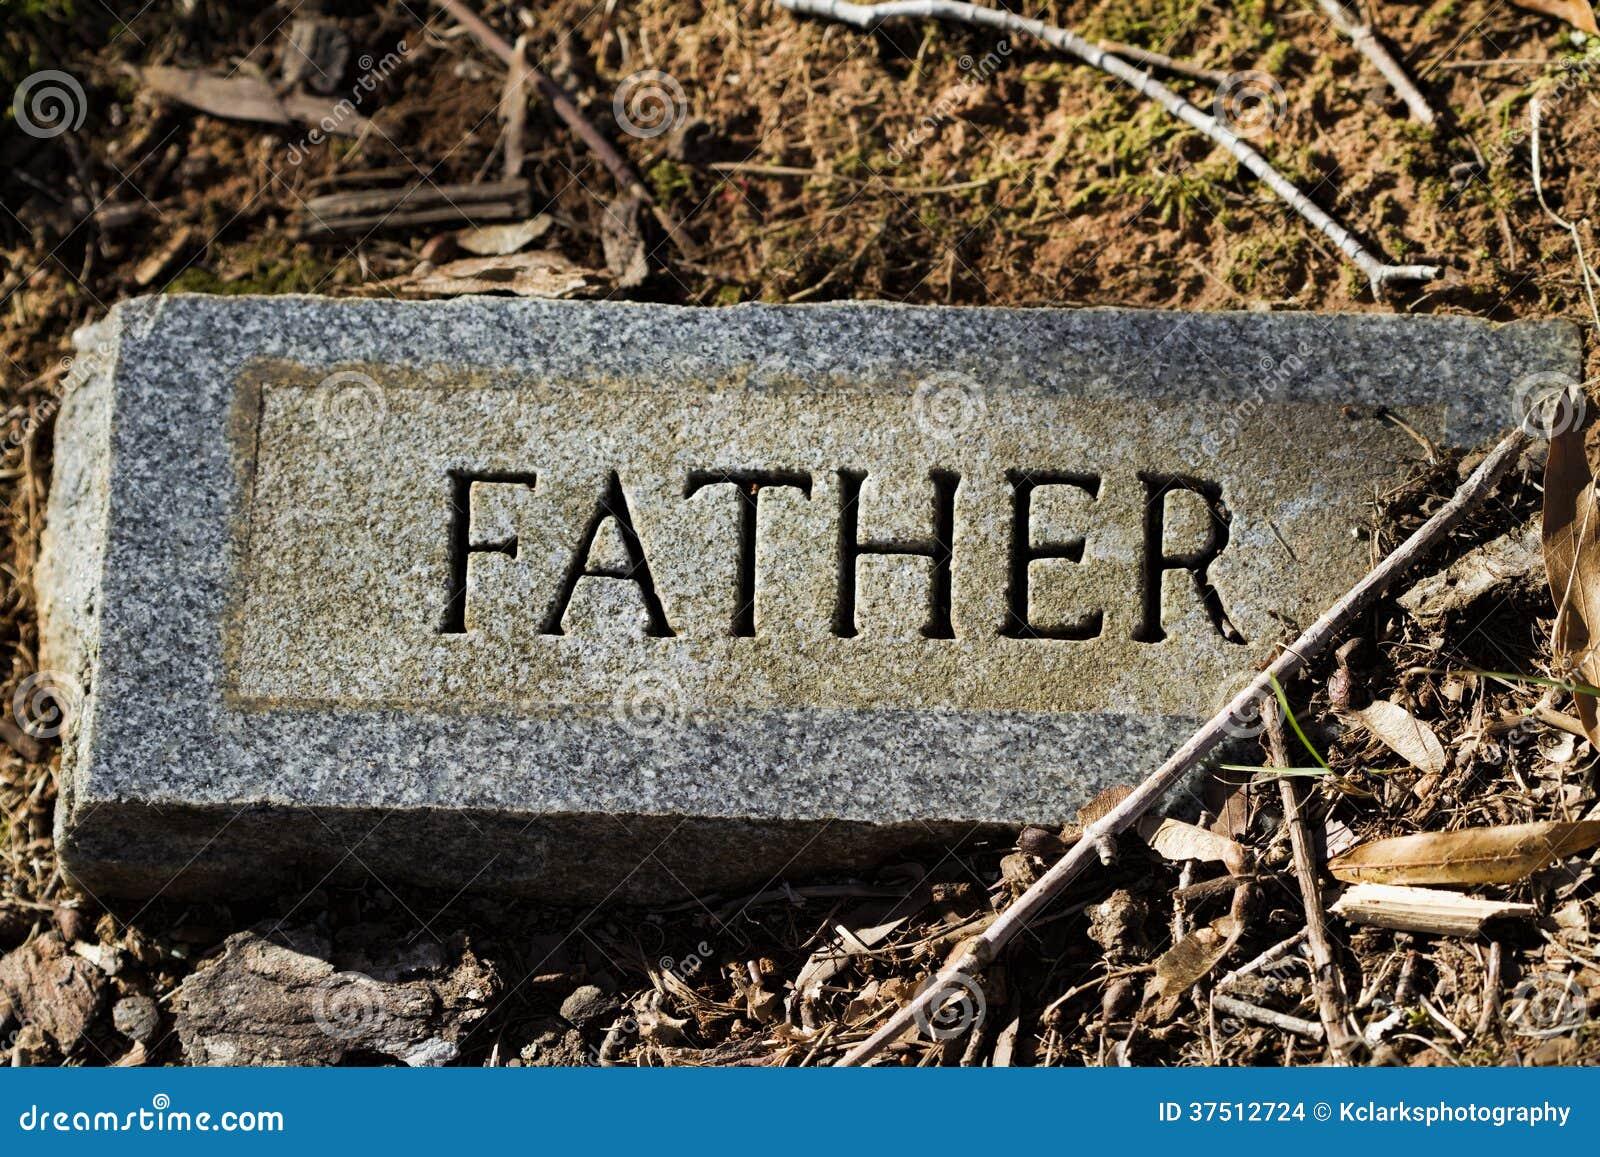 father granite gravestone marker stock images image 37512724. Black Bedroom Furniture Sets. Home Design Ideas